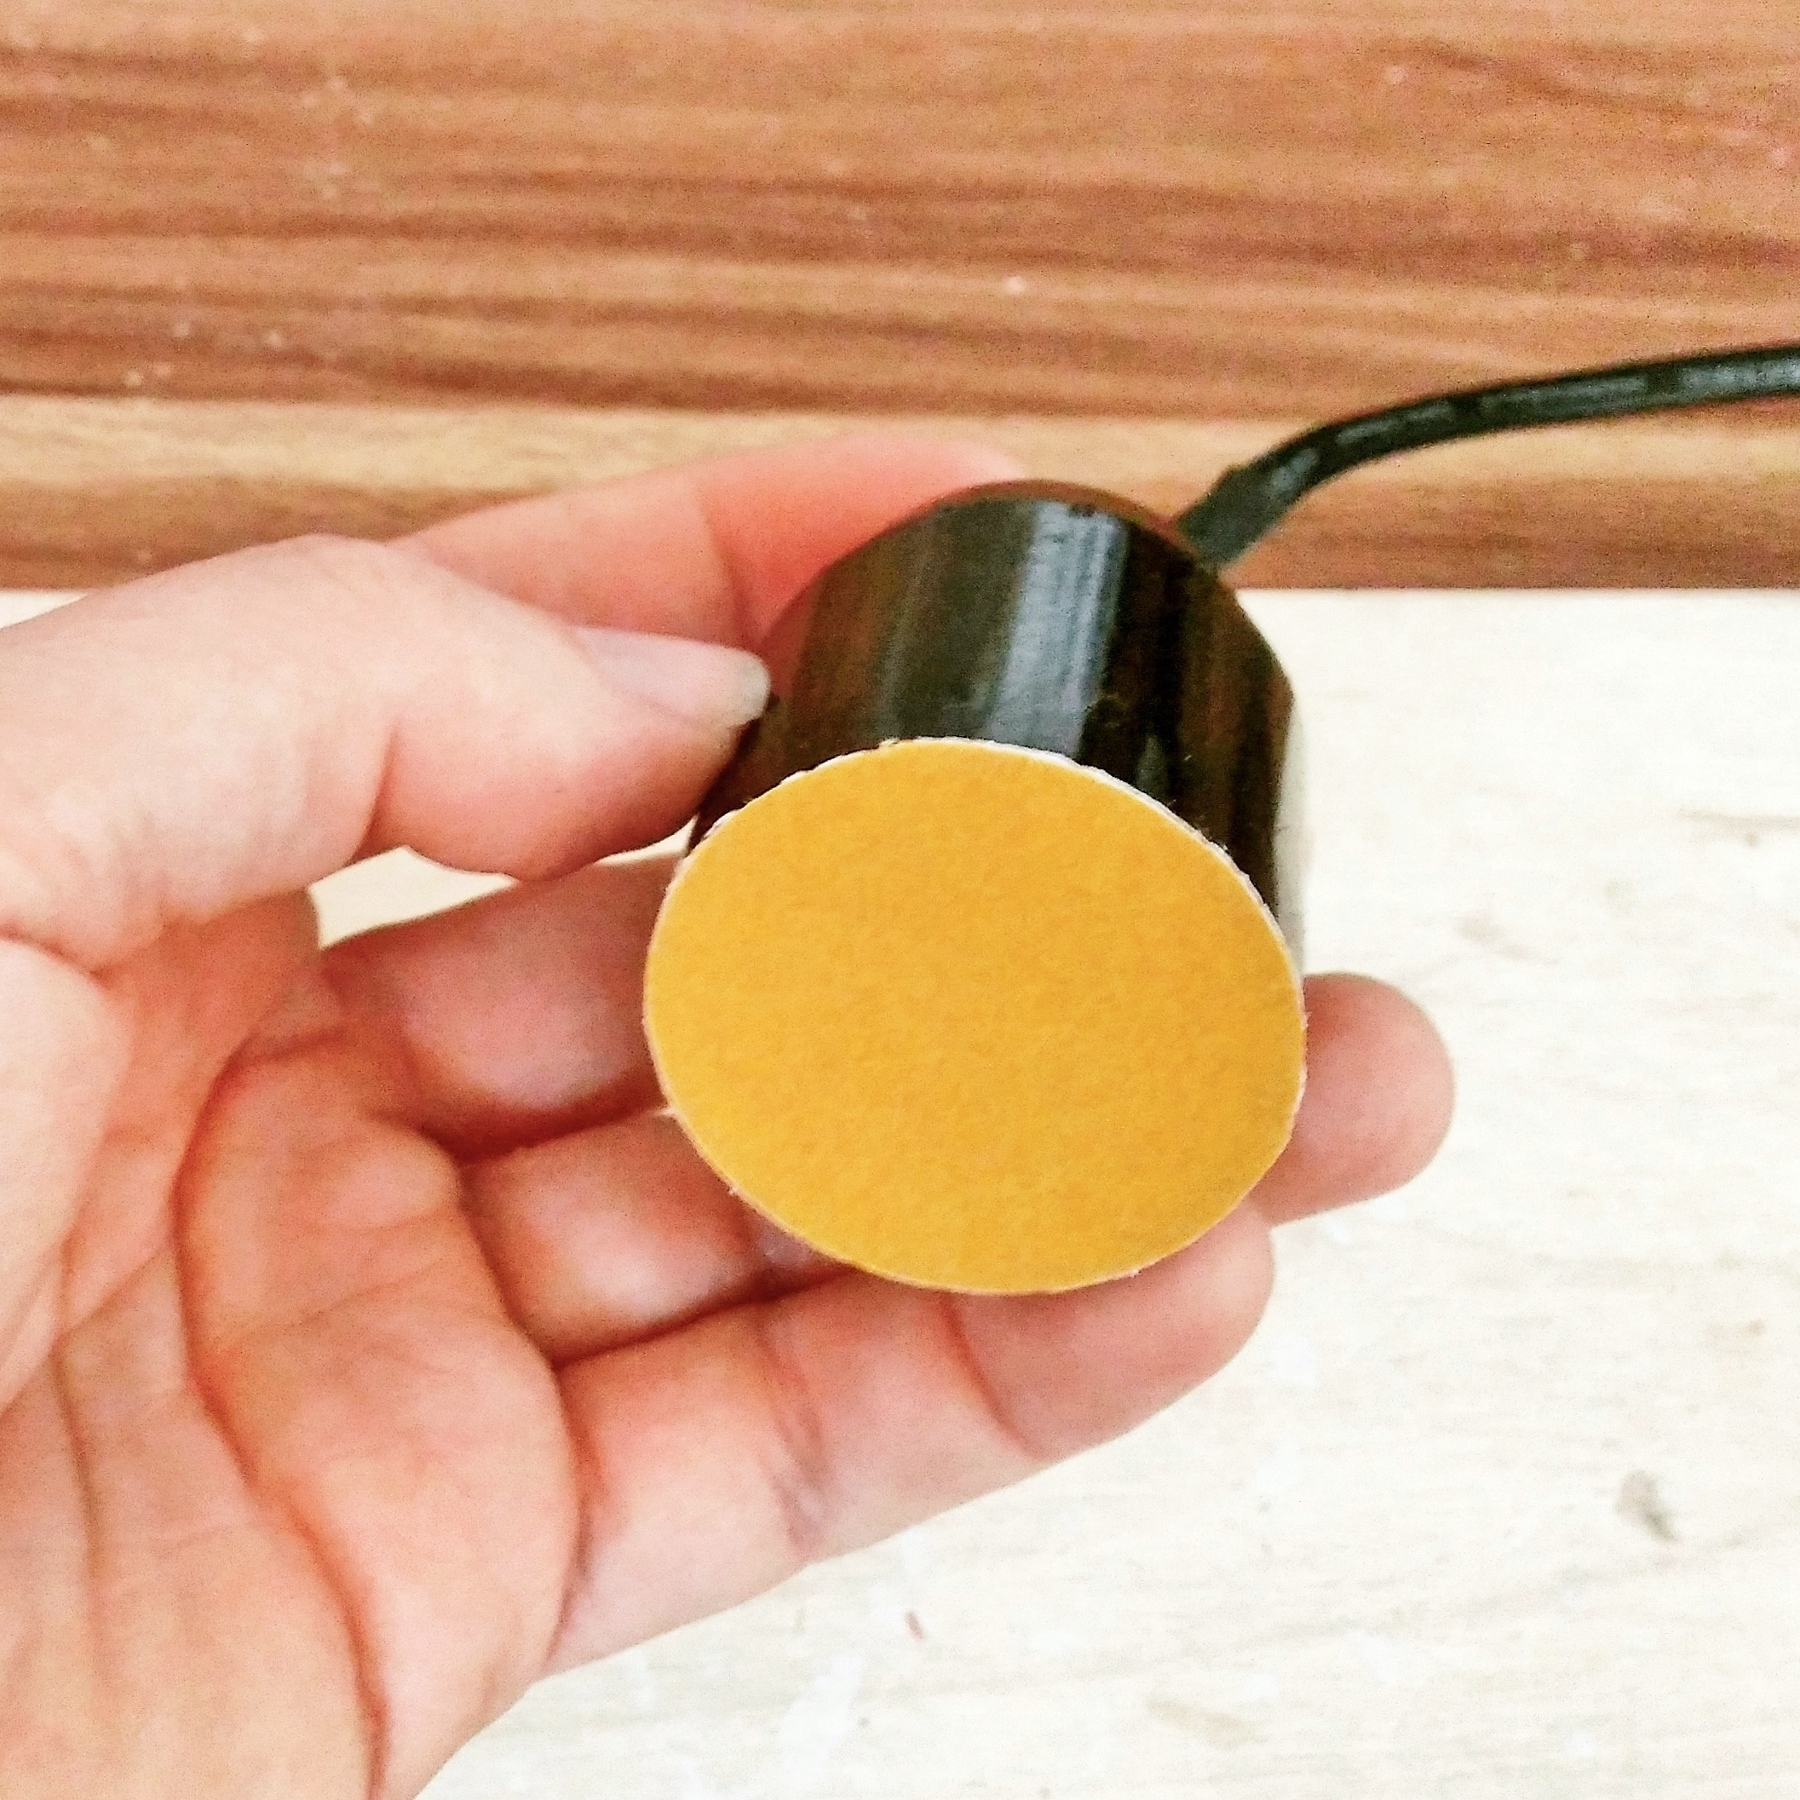 lampe aus beton diy leuchte kreativ blog diy gadgets. Black Bedroom Furniture Sets. Home Design Ideas